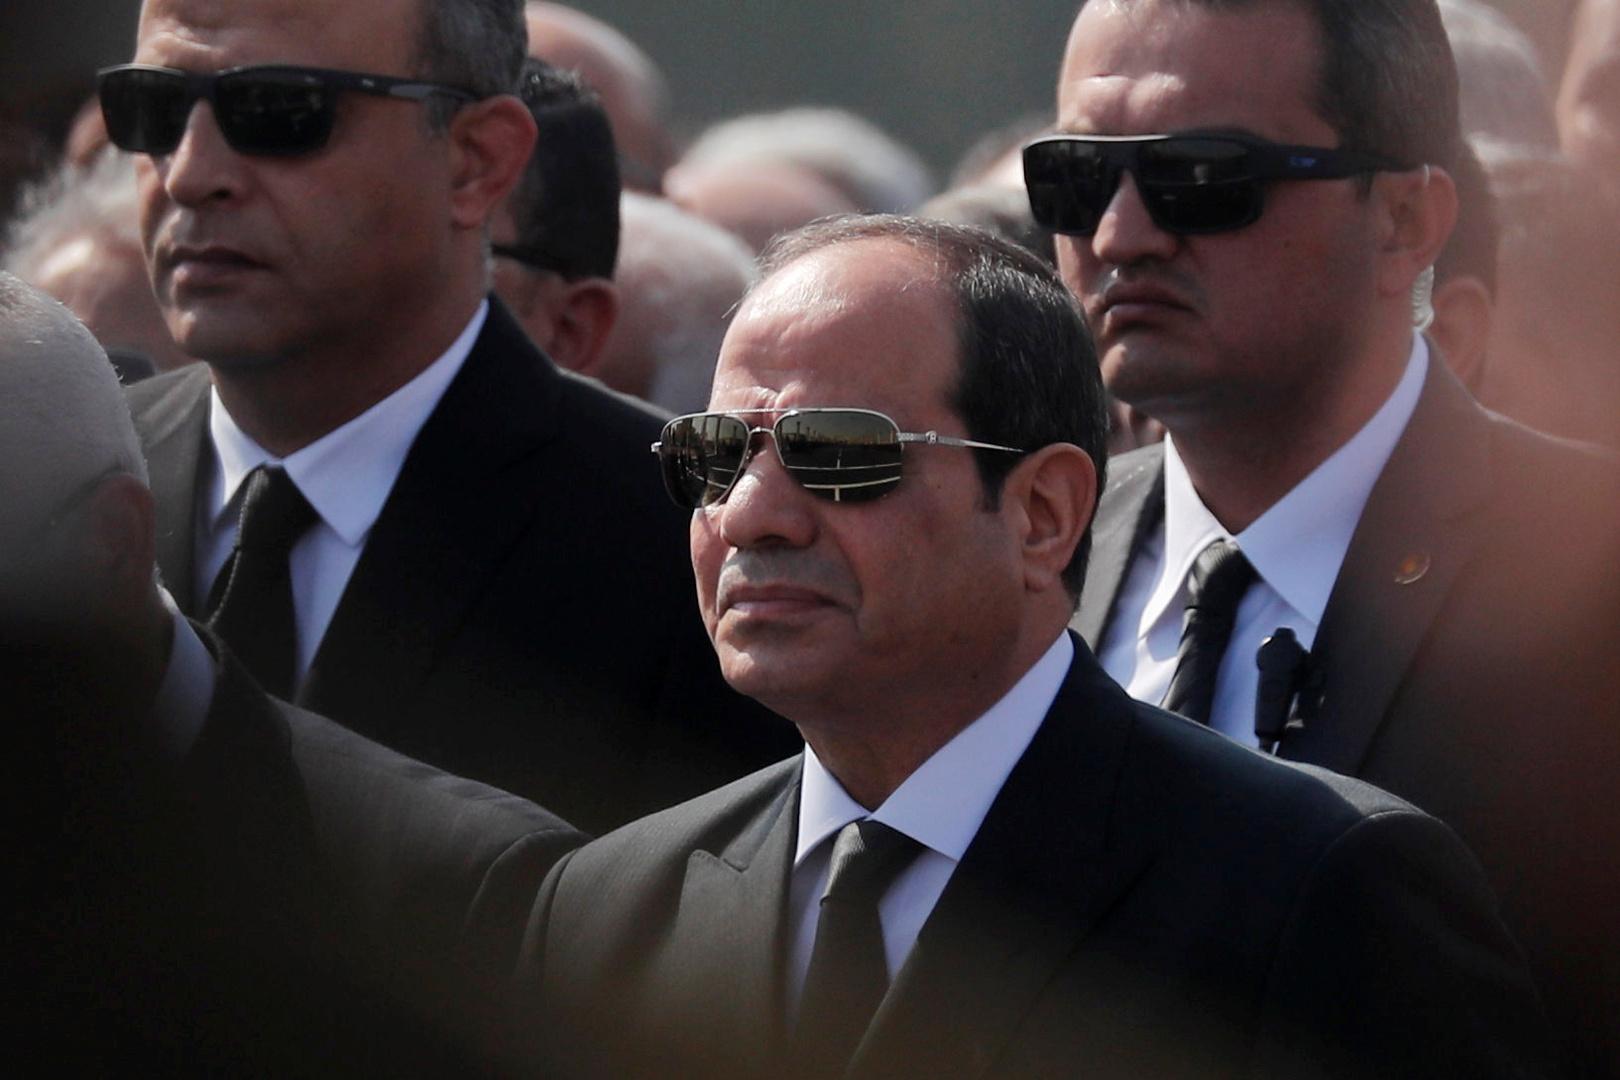 مصر.. السيسي يصدر قرارا استثنائيا بشأن رواتب بعض ضباط الجيش